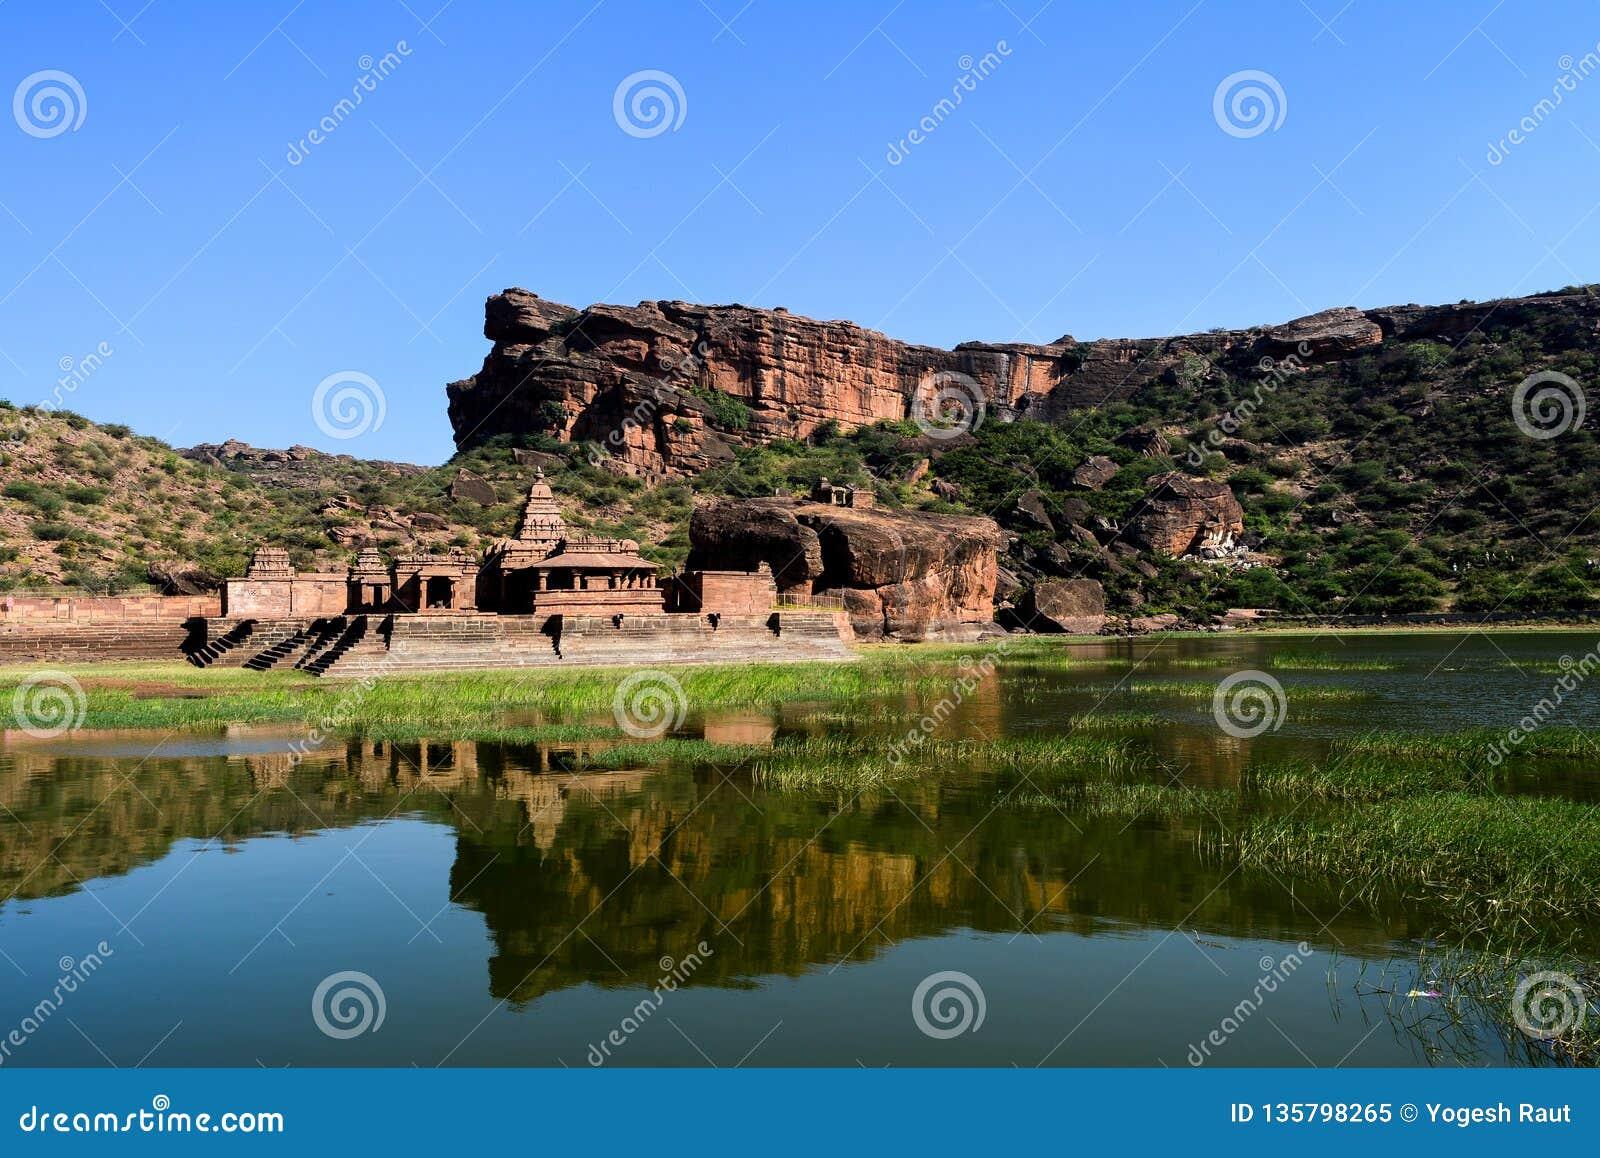 Reflexion av en hinduisk tempel i sjövattnet